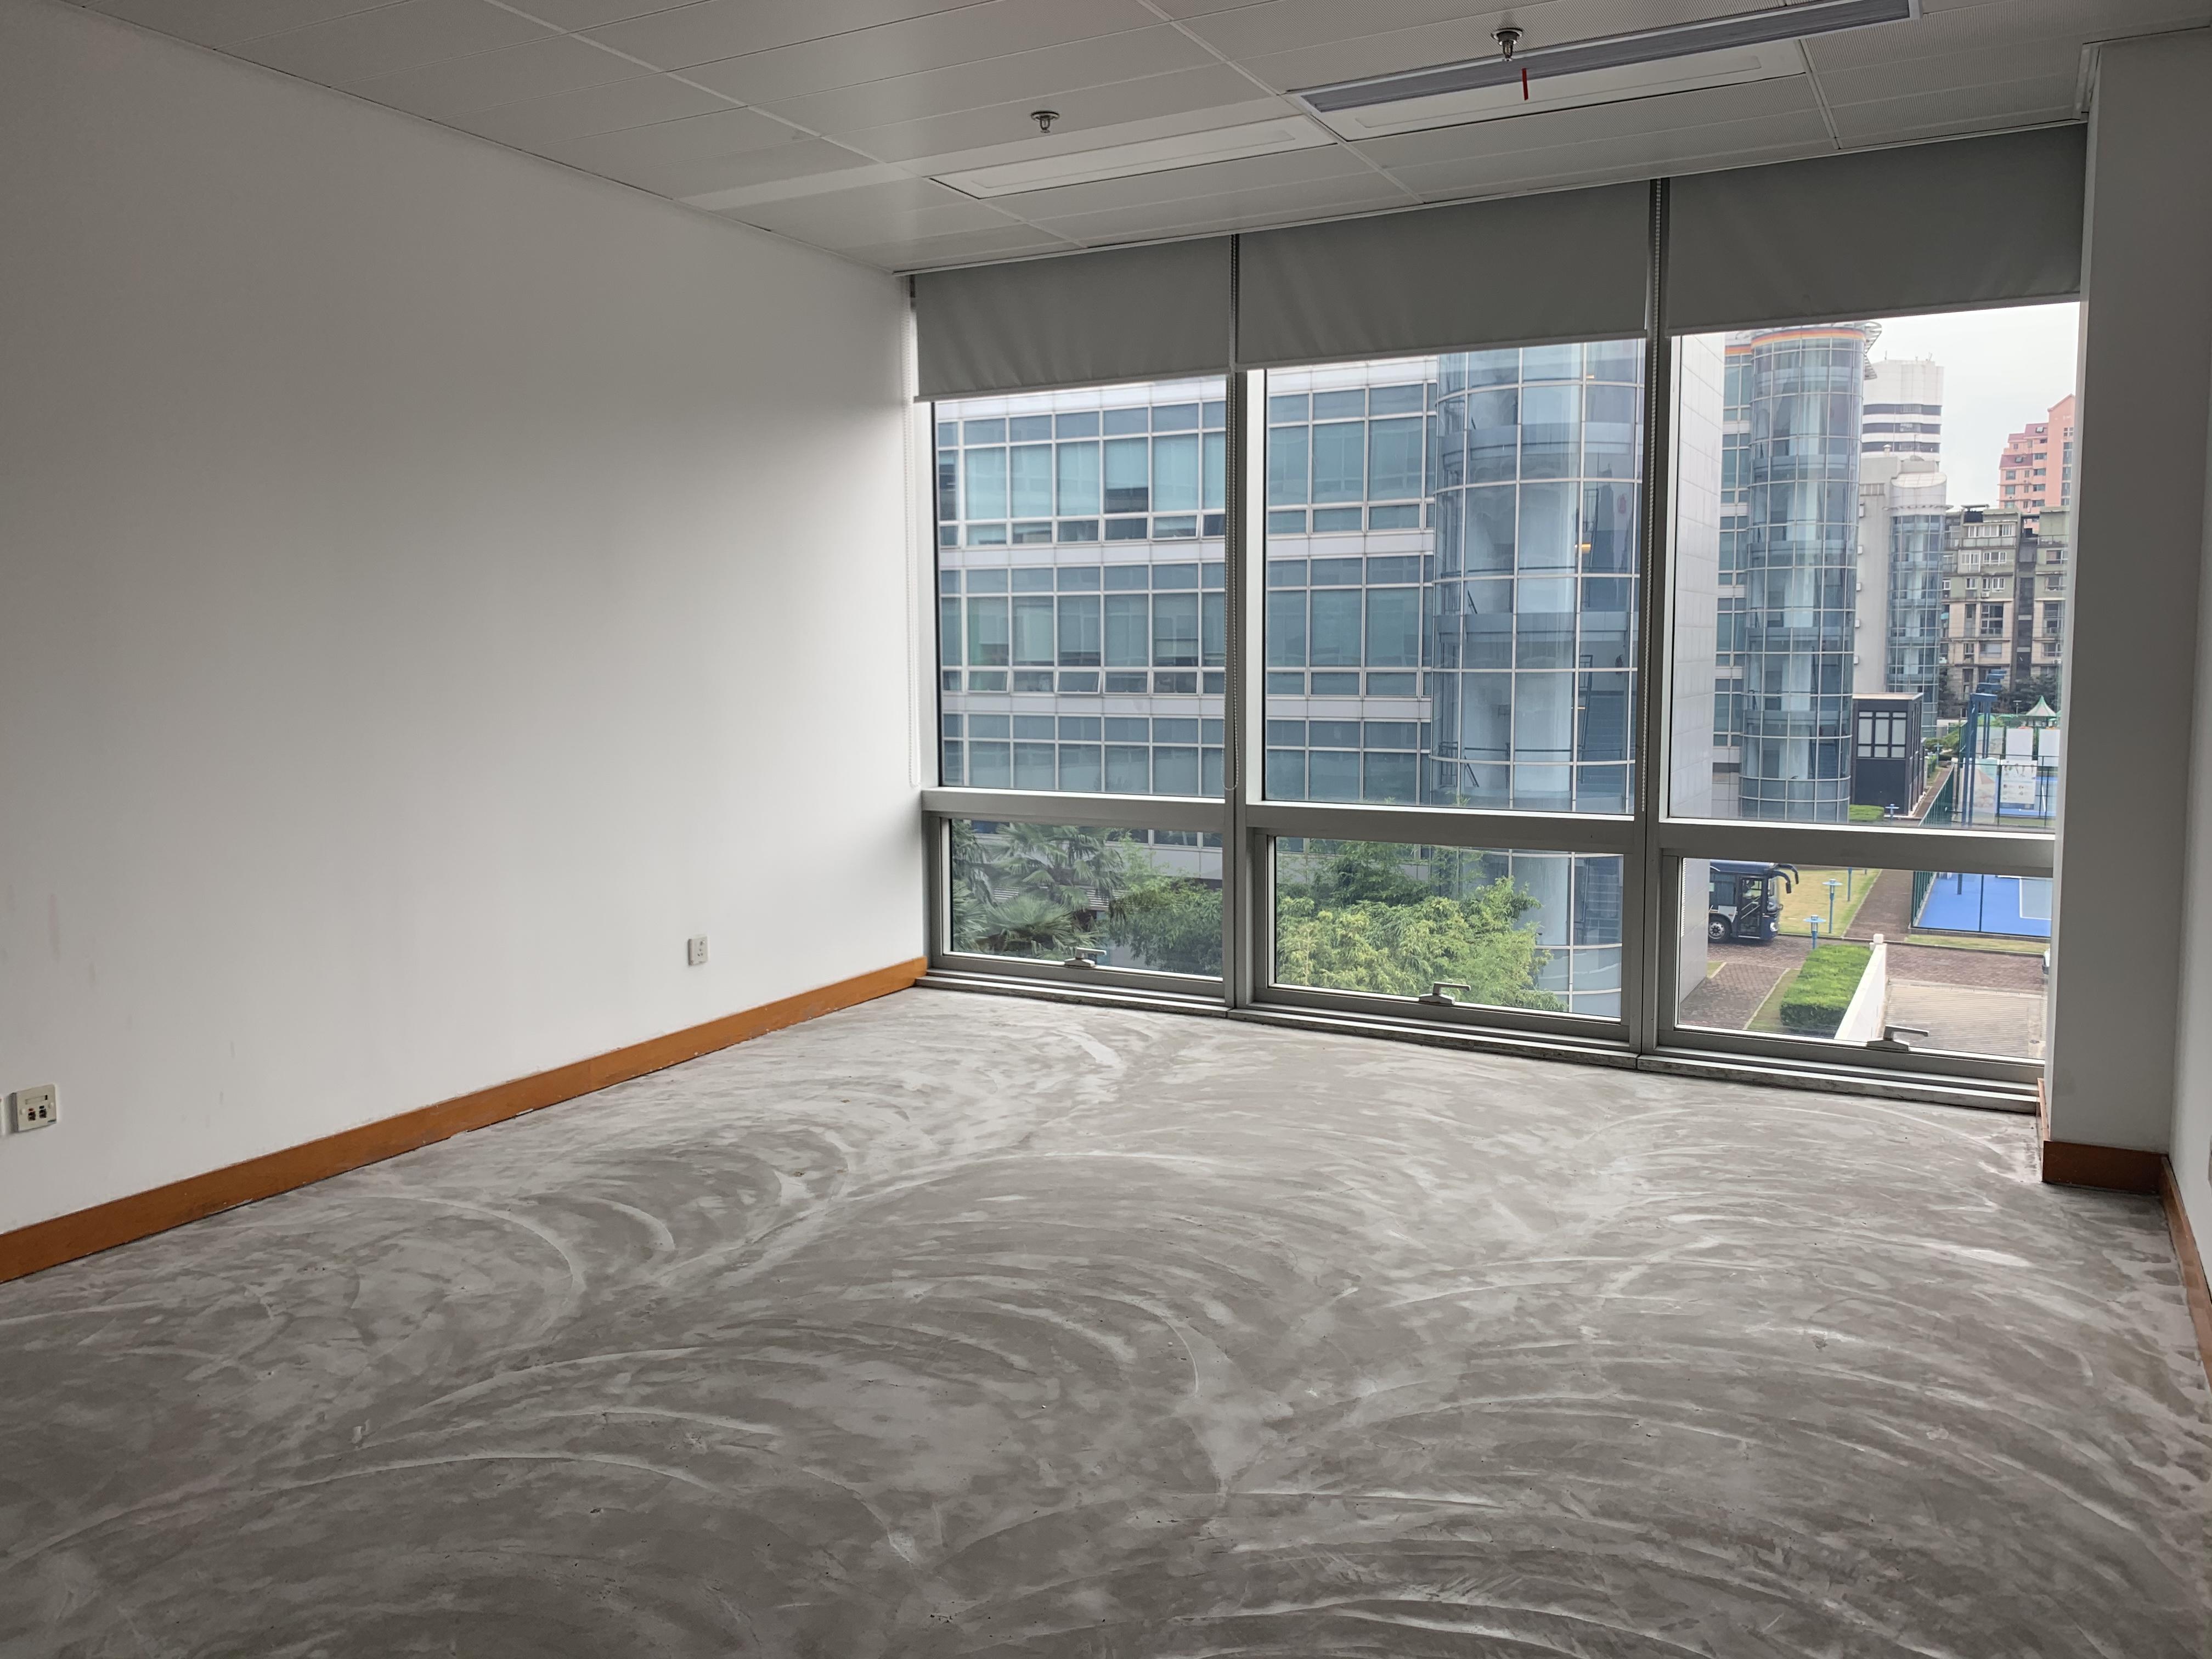 上海德国中心出租232平办公室有装修无家具